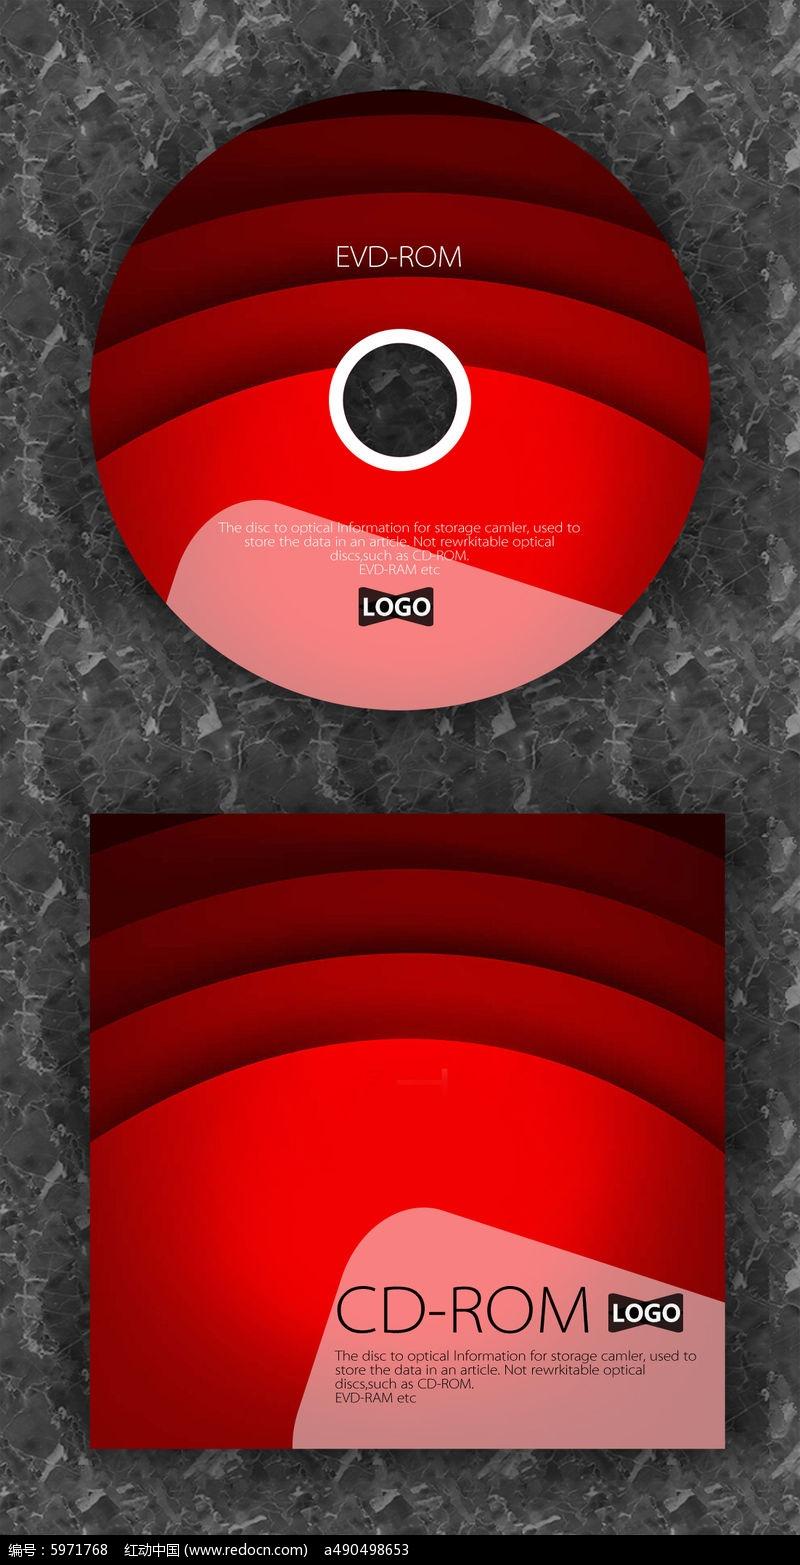 红色渐变流行音乐光盘图片